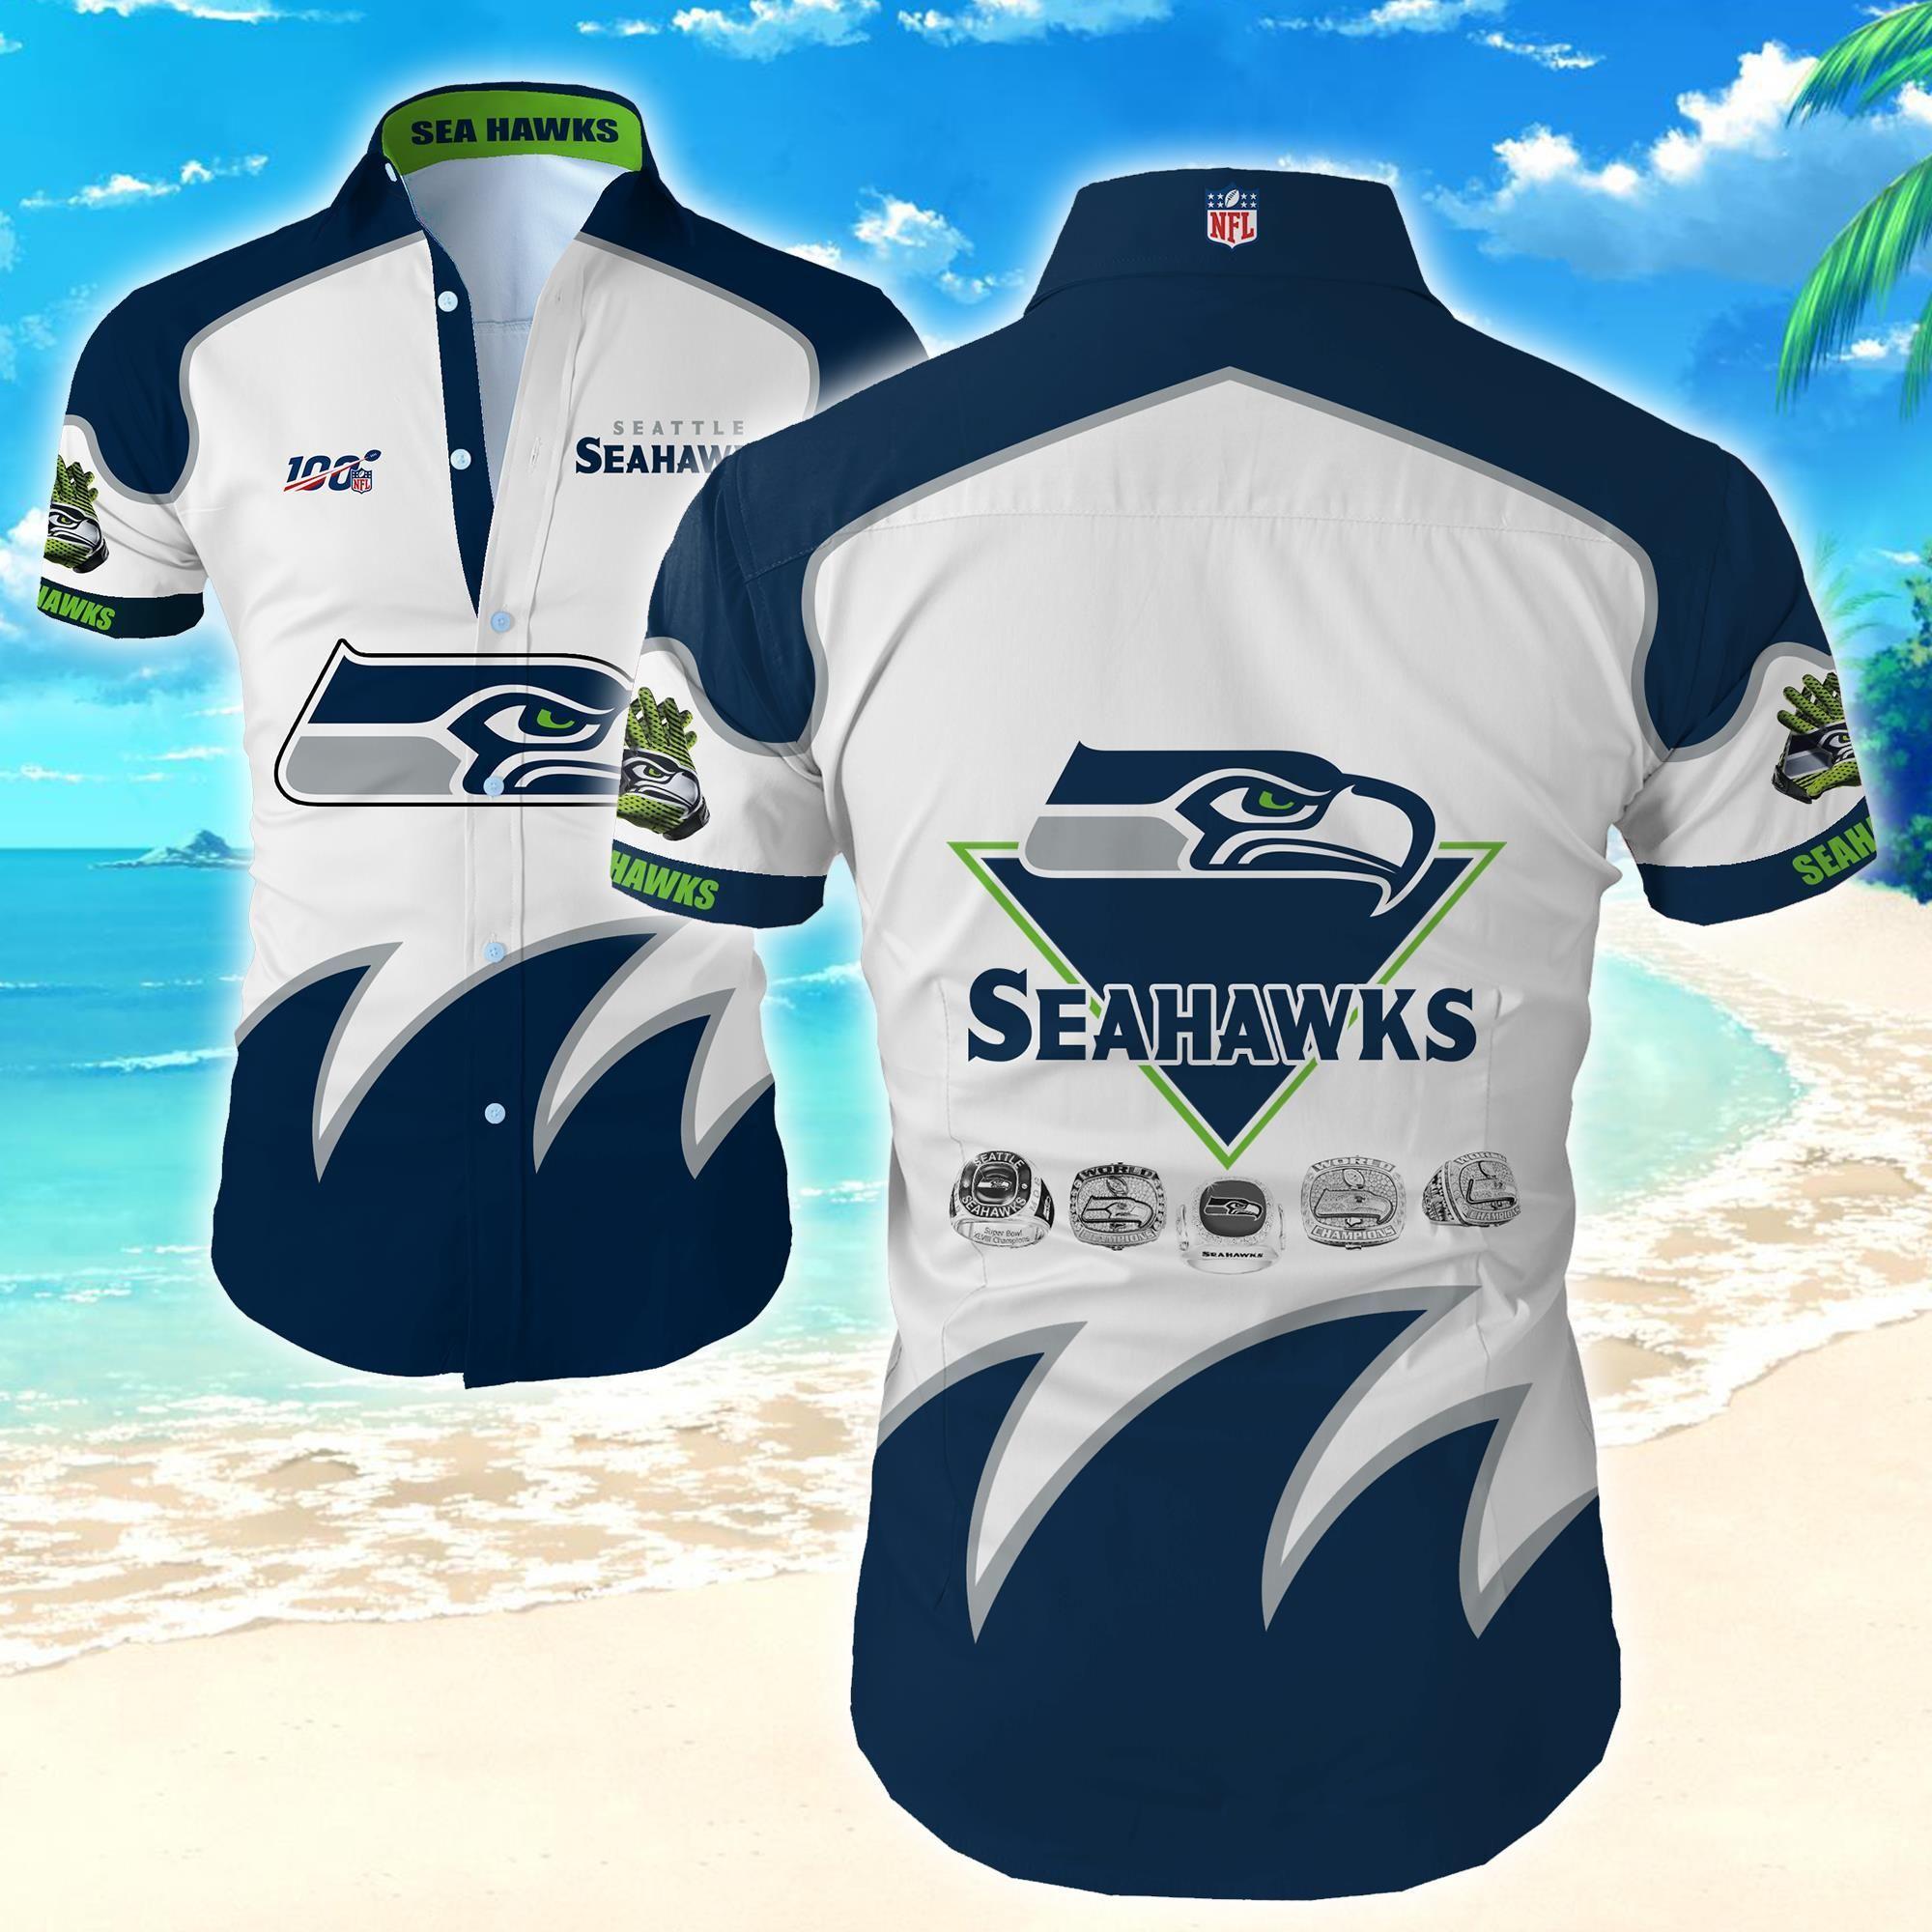 Nfl Seattle Seahawks Best Hawaiian Shirt Beach Wear for Fan